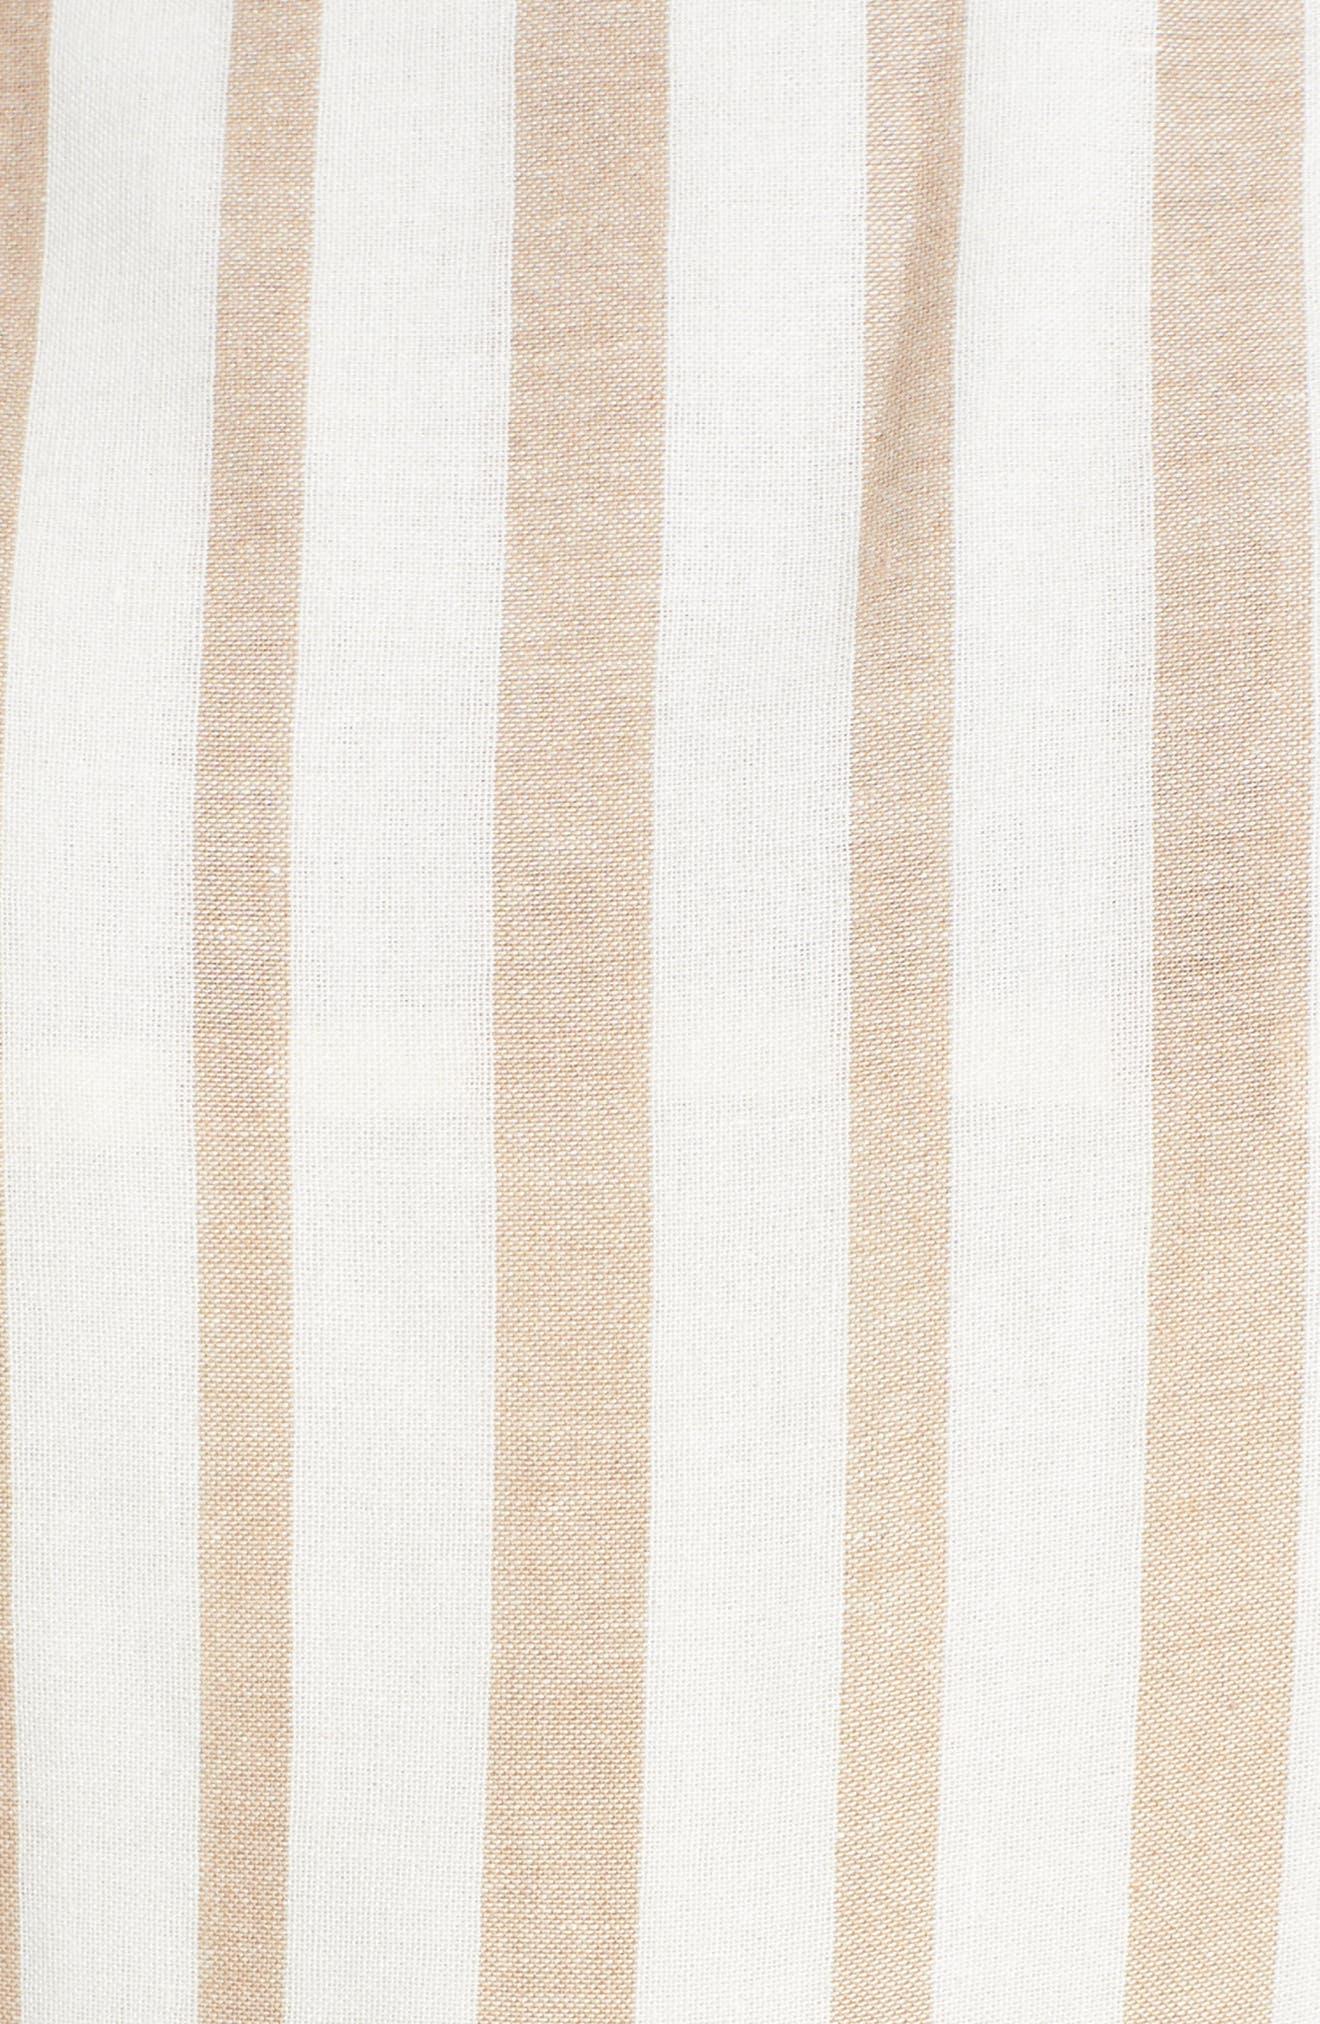 Chriselle x J.O.A. Wide Leg Jumpsuit,                             Alternate thumbnail 7, color,                             Sand Stripe